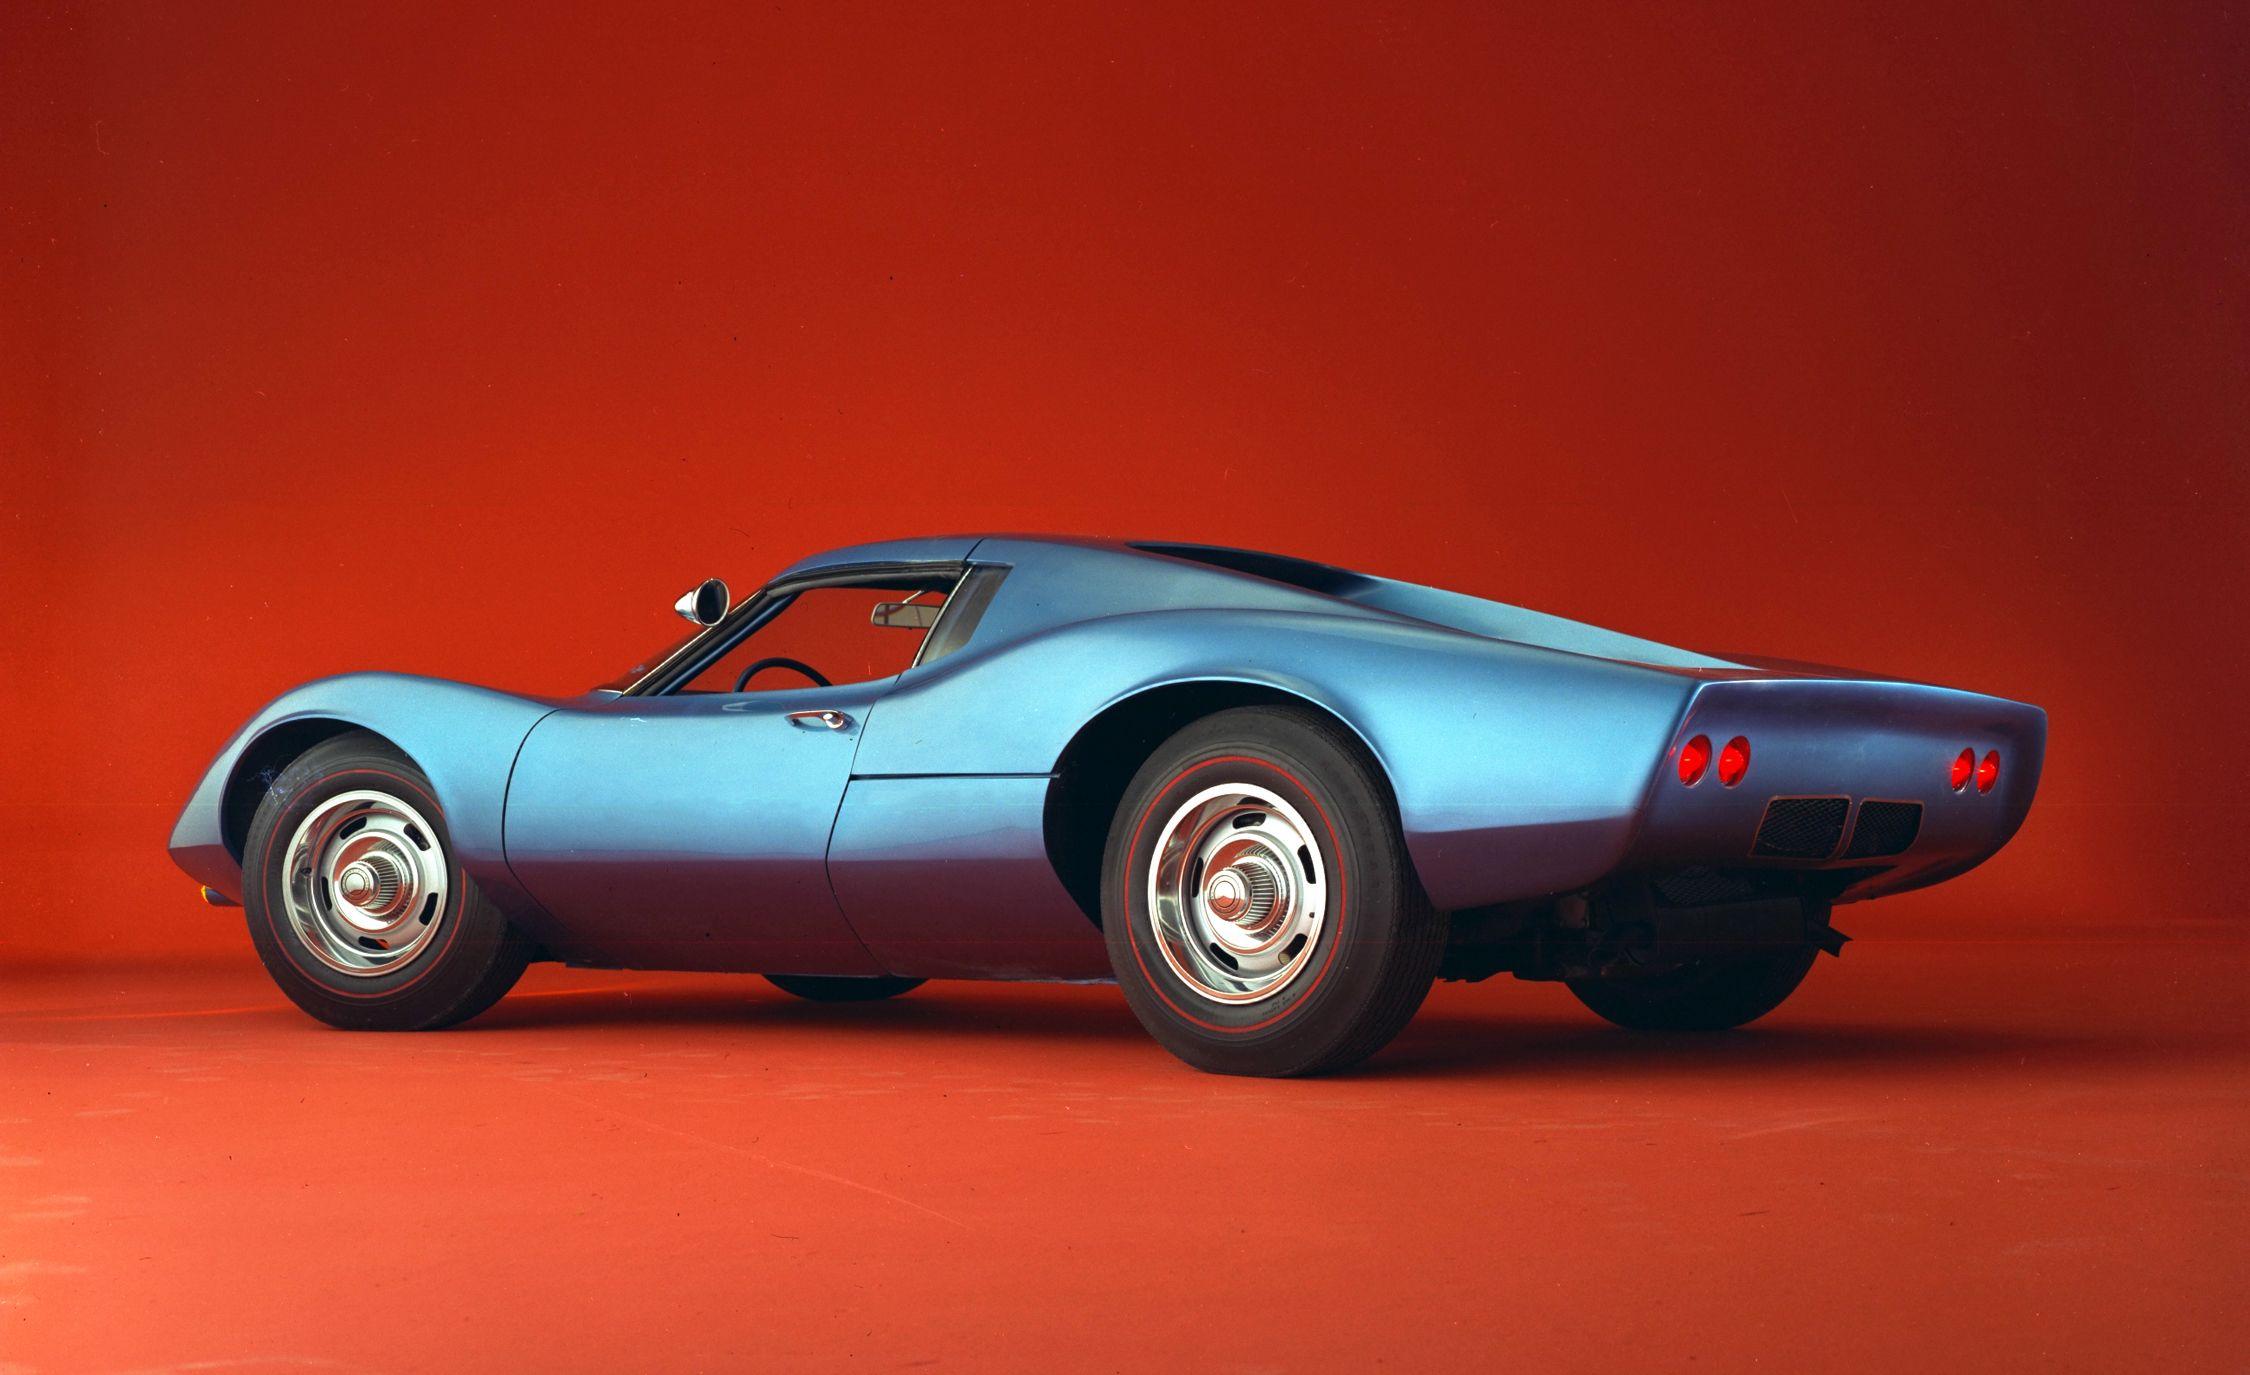 1960s Chevrolet Mid Engine Corvette concept